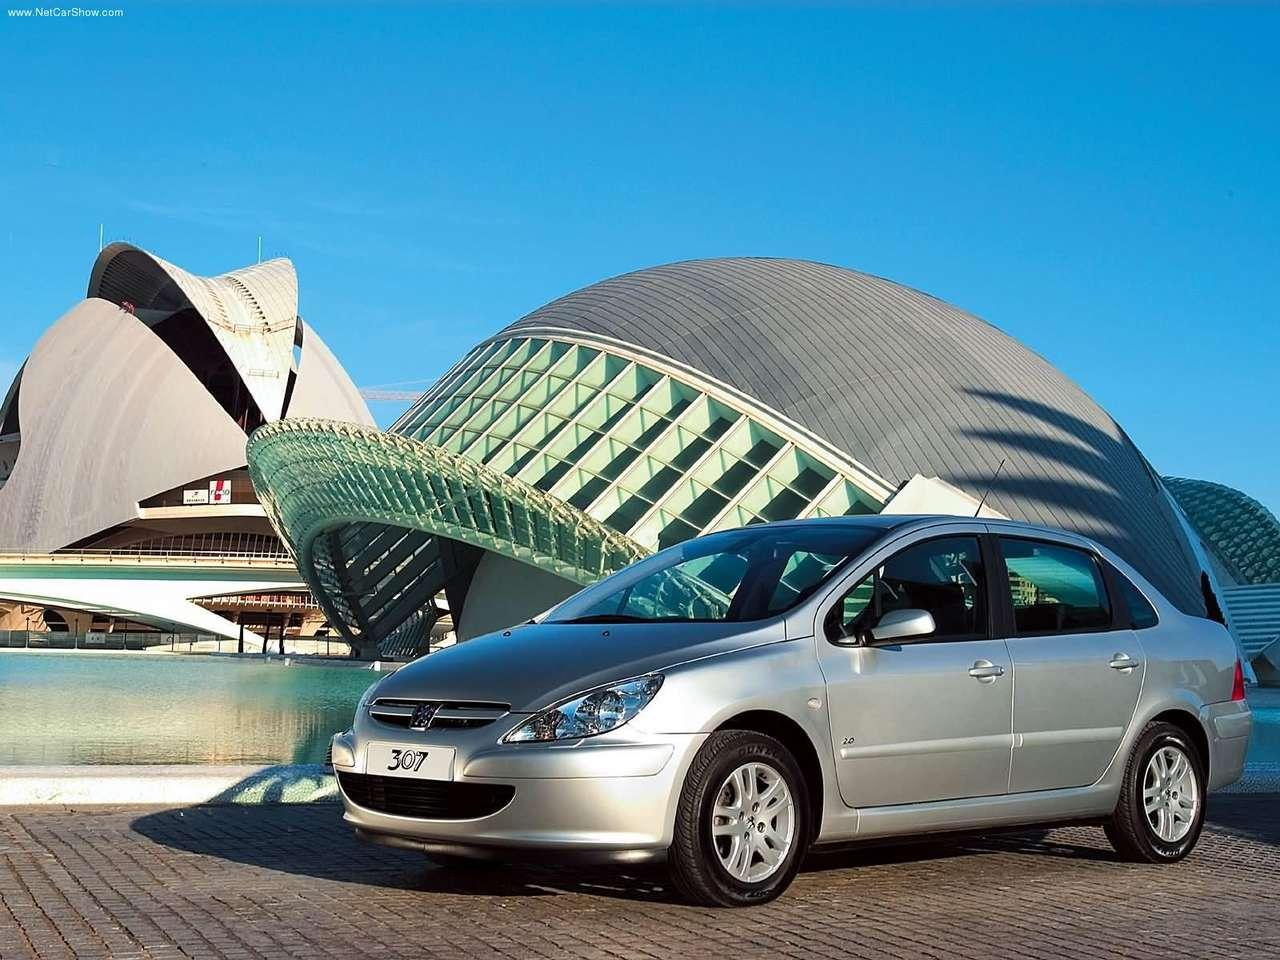 La Peugeot 307 Est Une Petite Voiture Familiale Produite